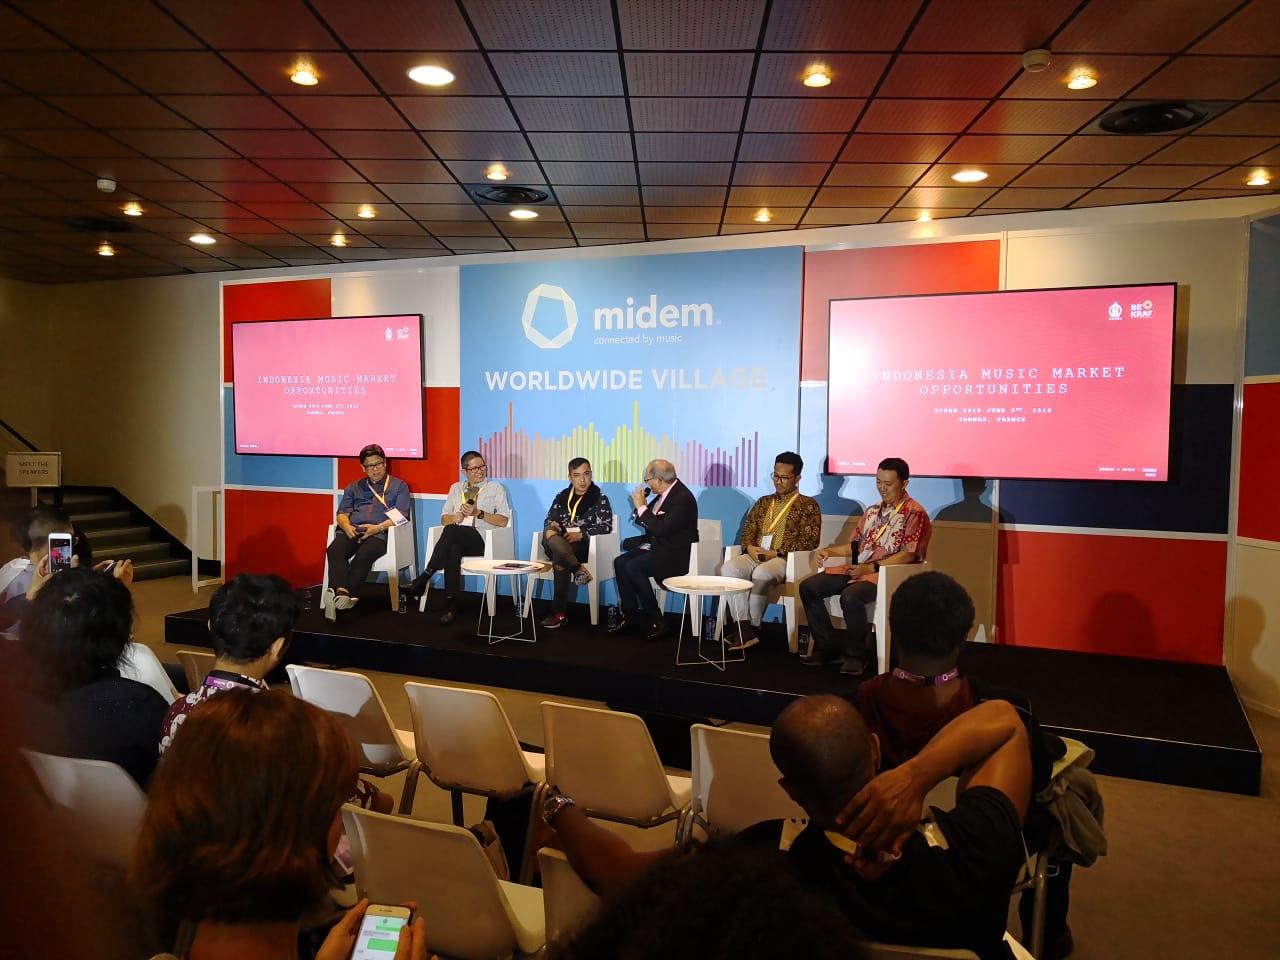 Antusiasme Pengunjung MIDEM 2018 Terhadap Tiga Startup Delegasi Indonesia